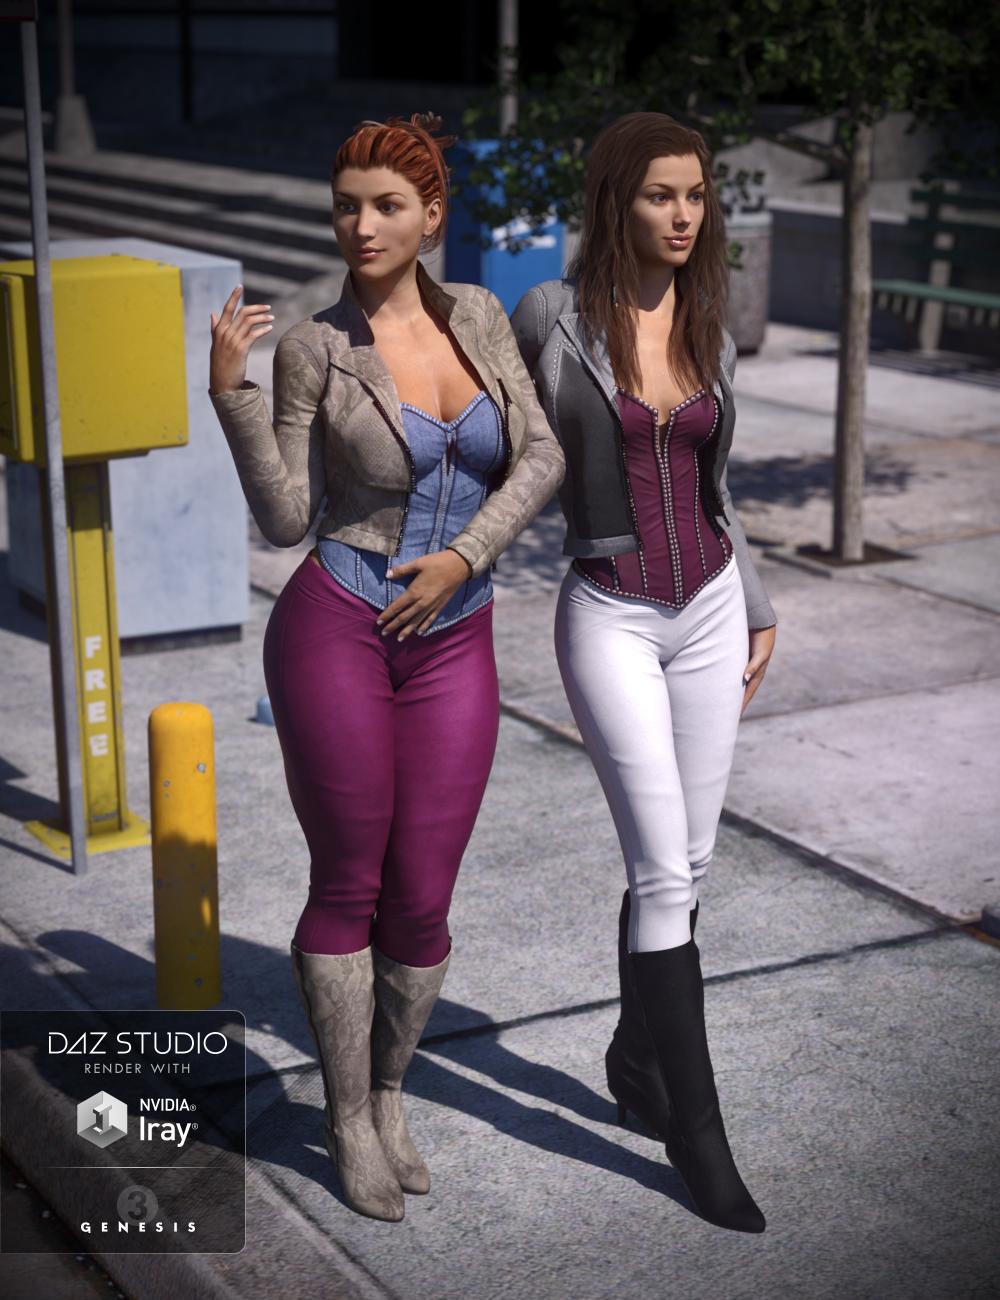 Vigilante Outfit Textures by: Shox-Design, 3D Models by Daz 3D